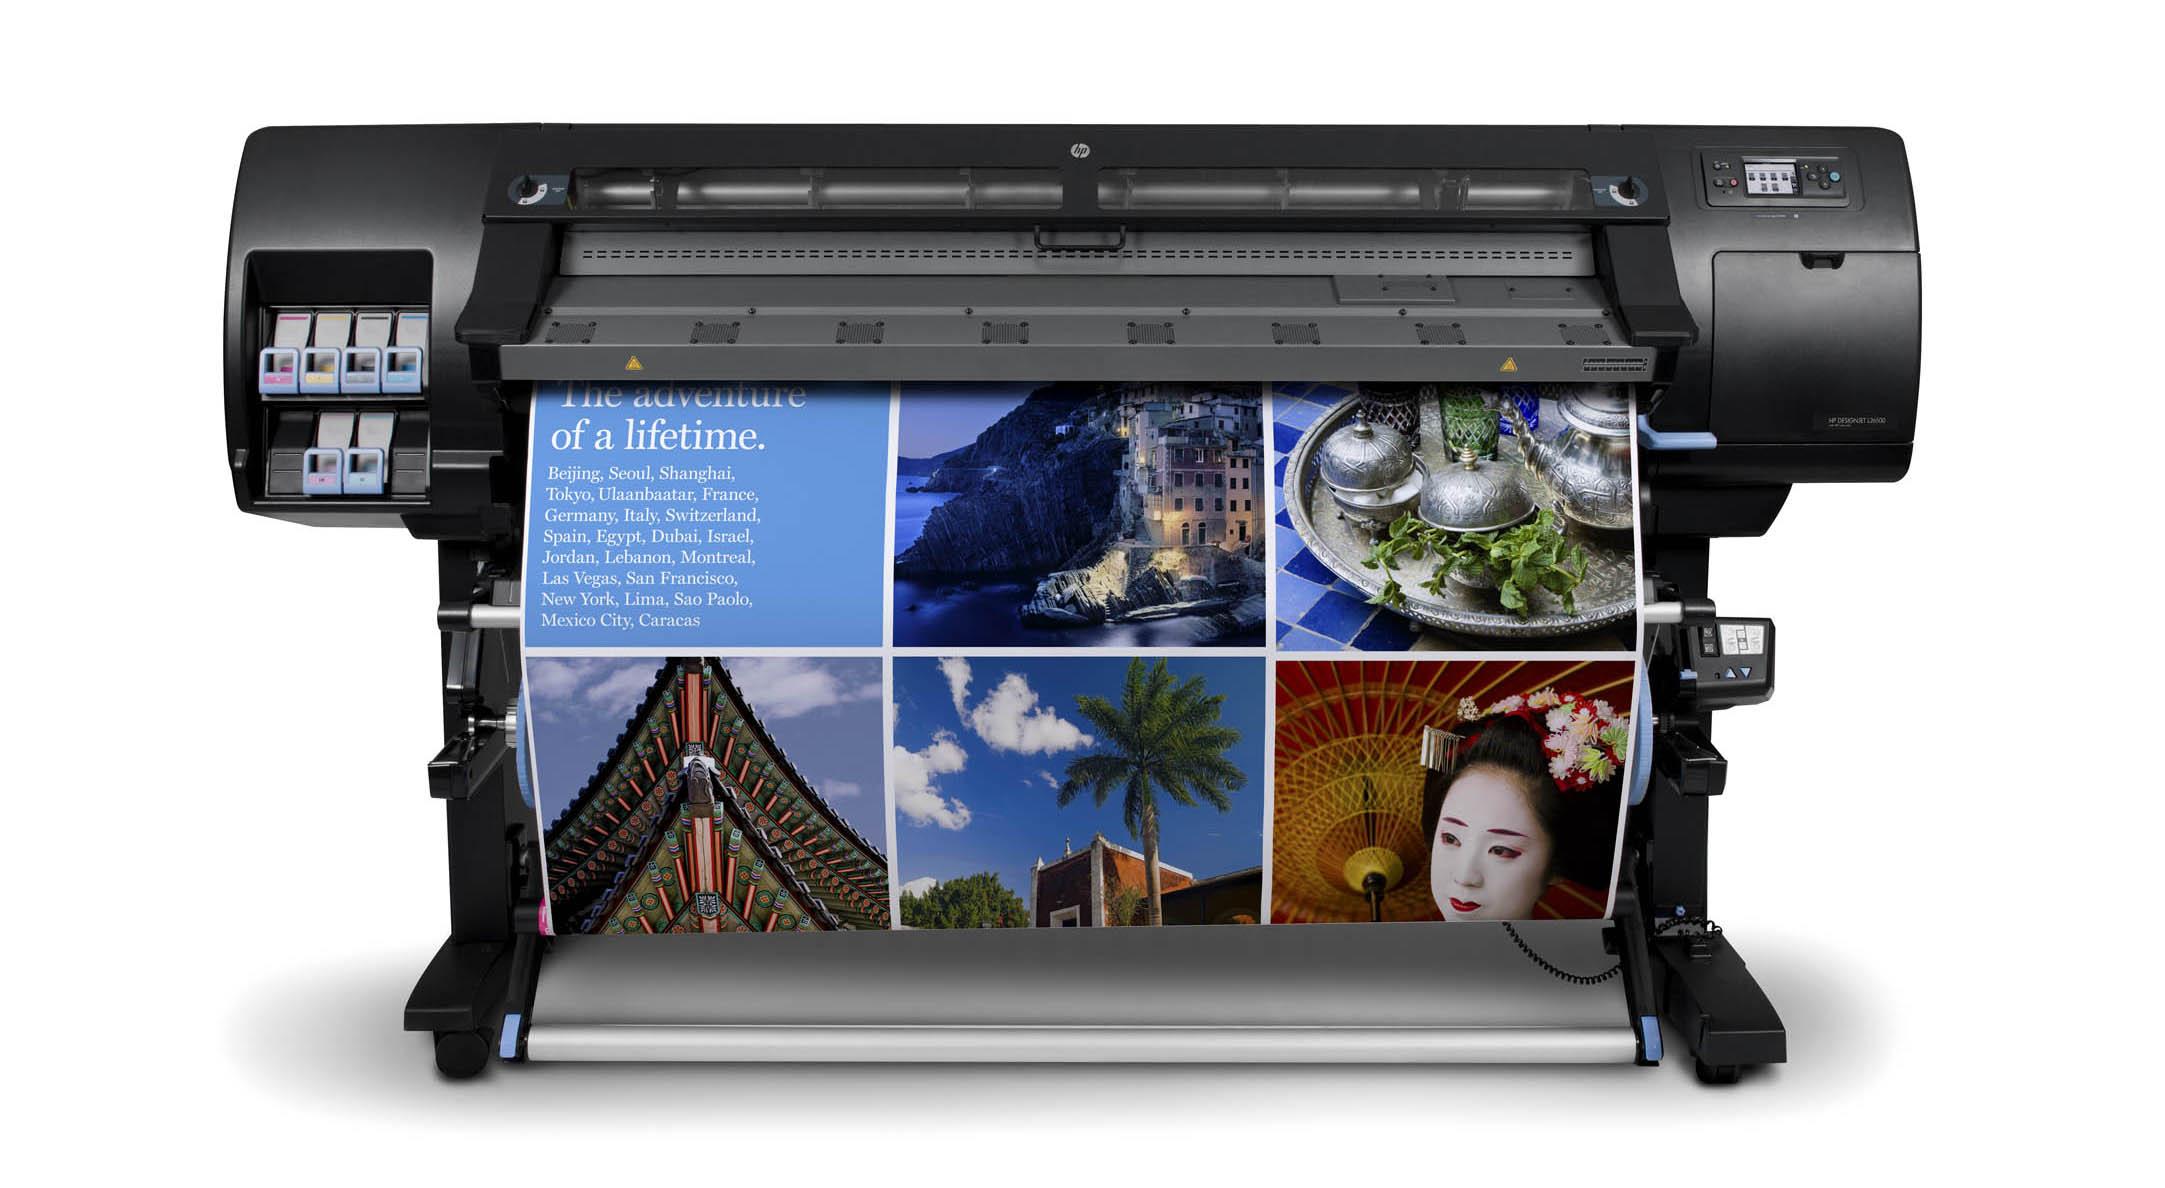 La impressió digital en gran format la realitzem amb tecnologia ROLAND a travès de la impressora JUMBEJET.